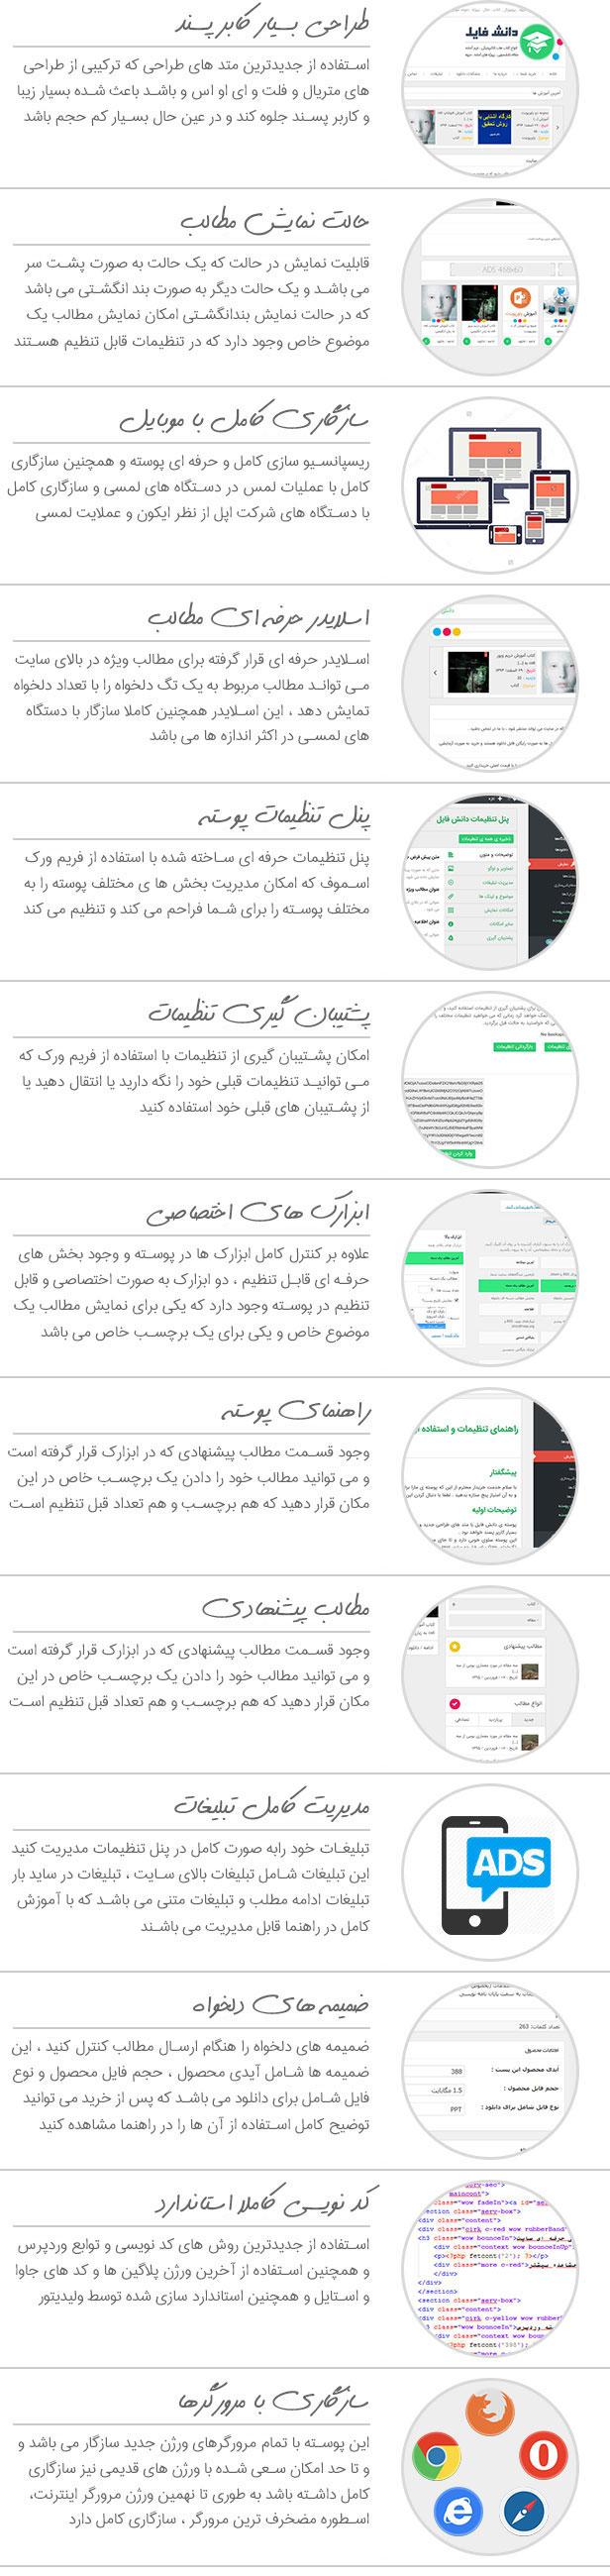 قالب وردپرس دانش فایل